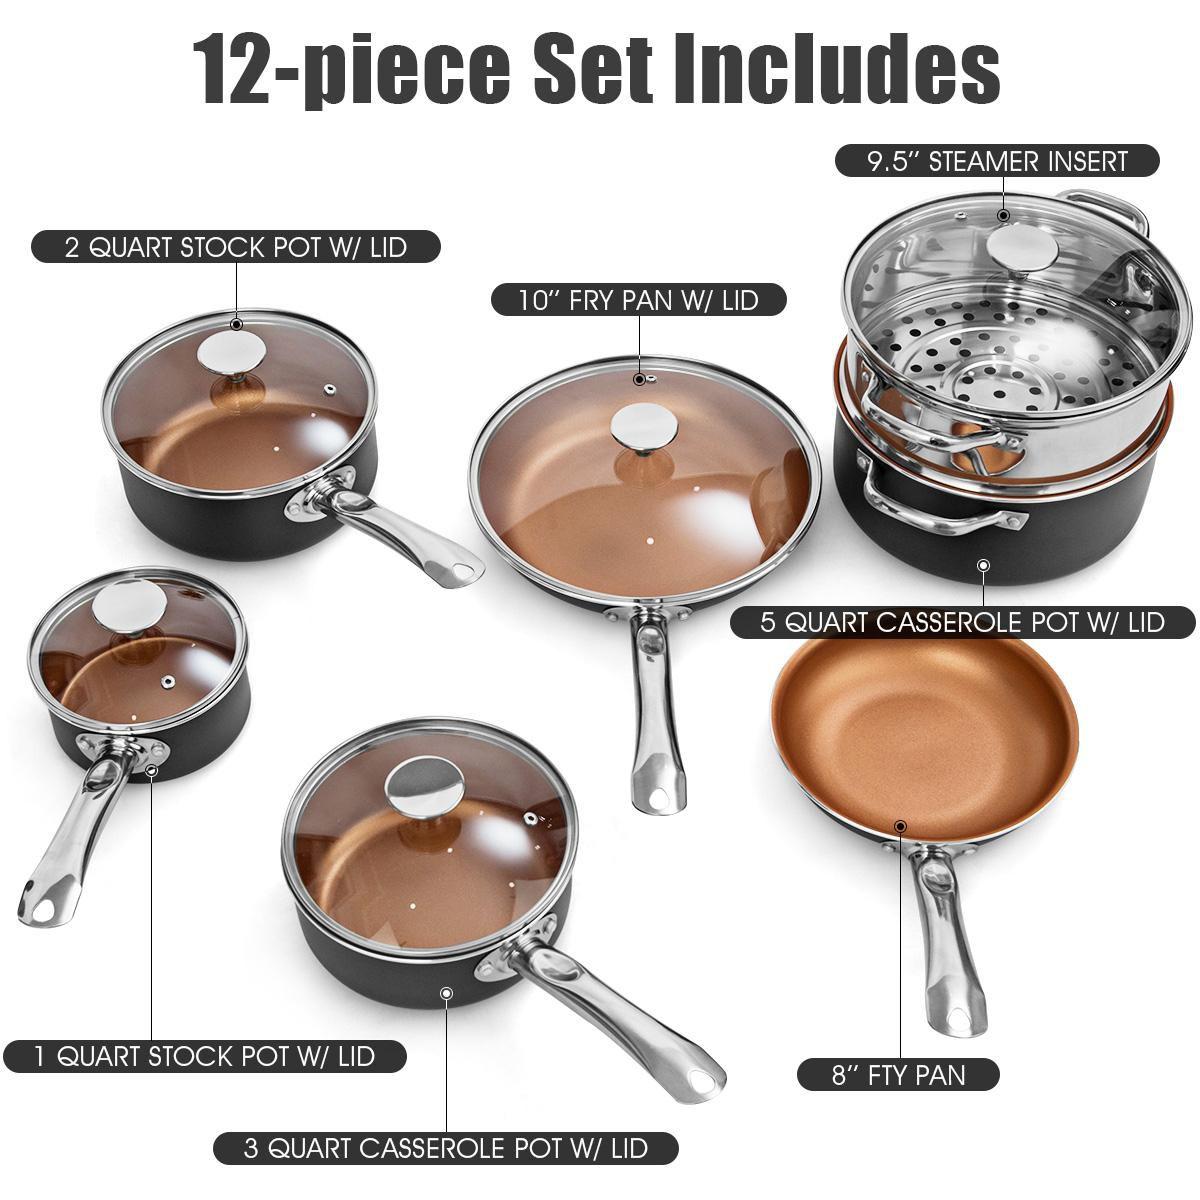 Costway 12 Piece Nonstick Cookware Set Copper Pots Pans Set